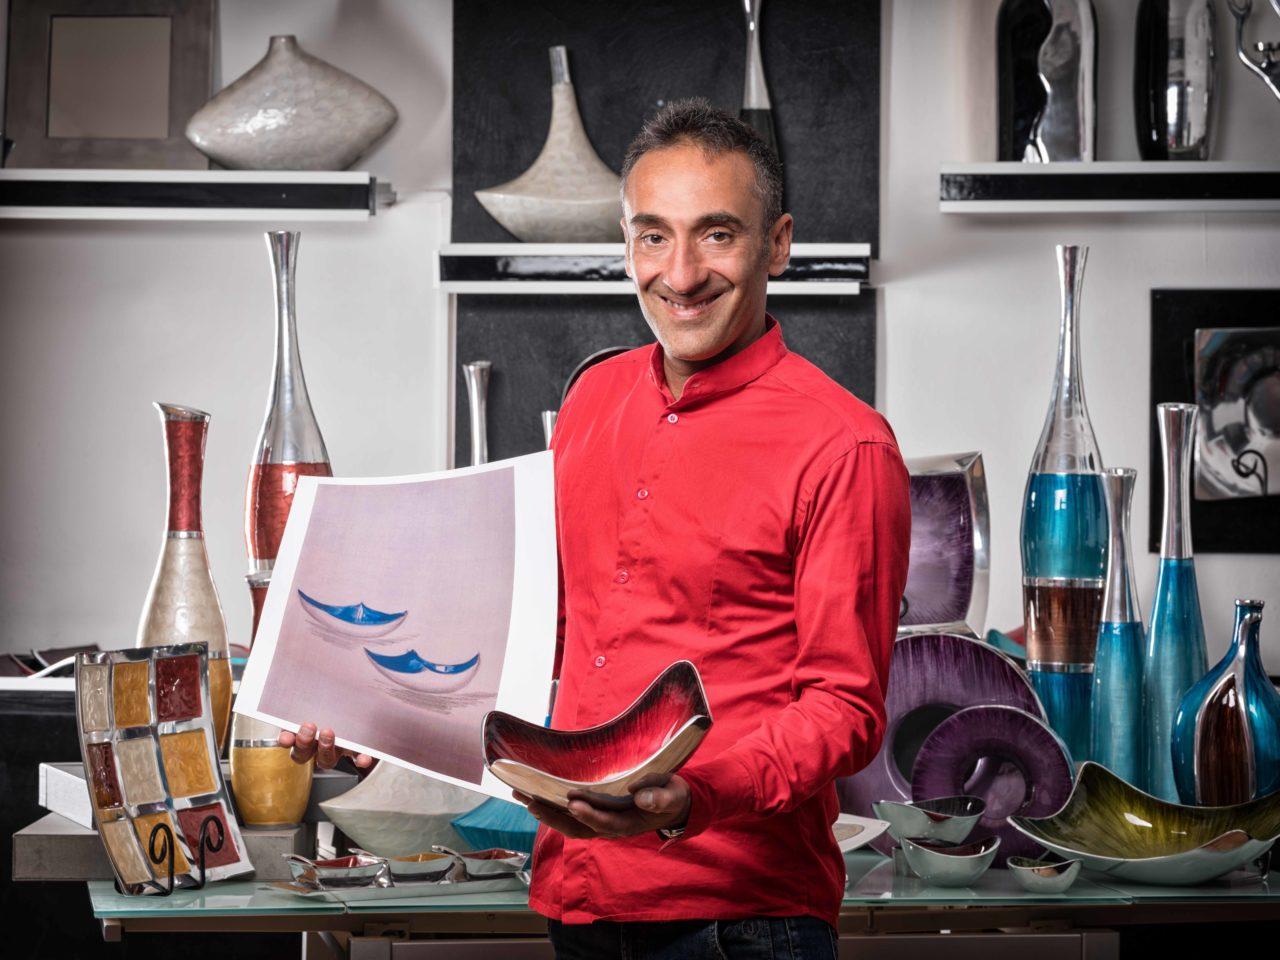 Servizio fotografico per Designer a cura di Giuseppe Ortu fotografo specializzato a Olbia.